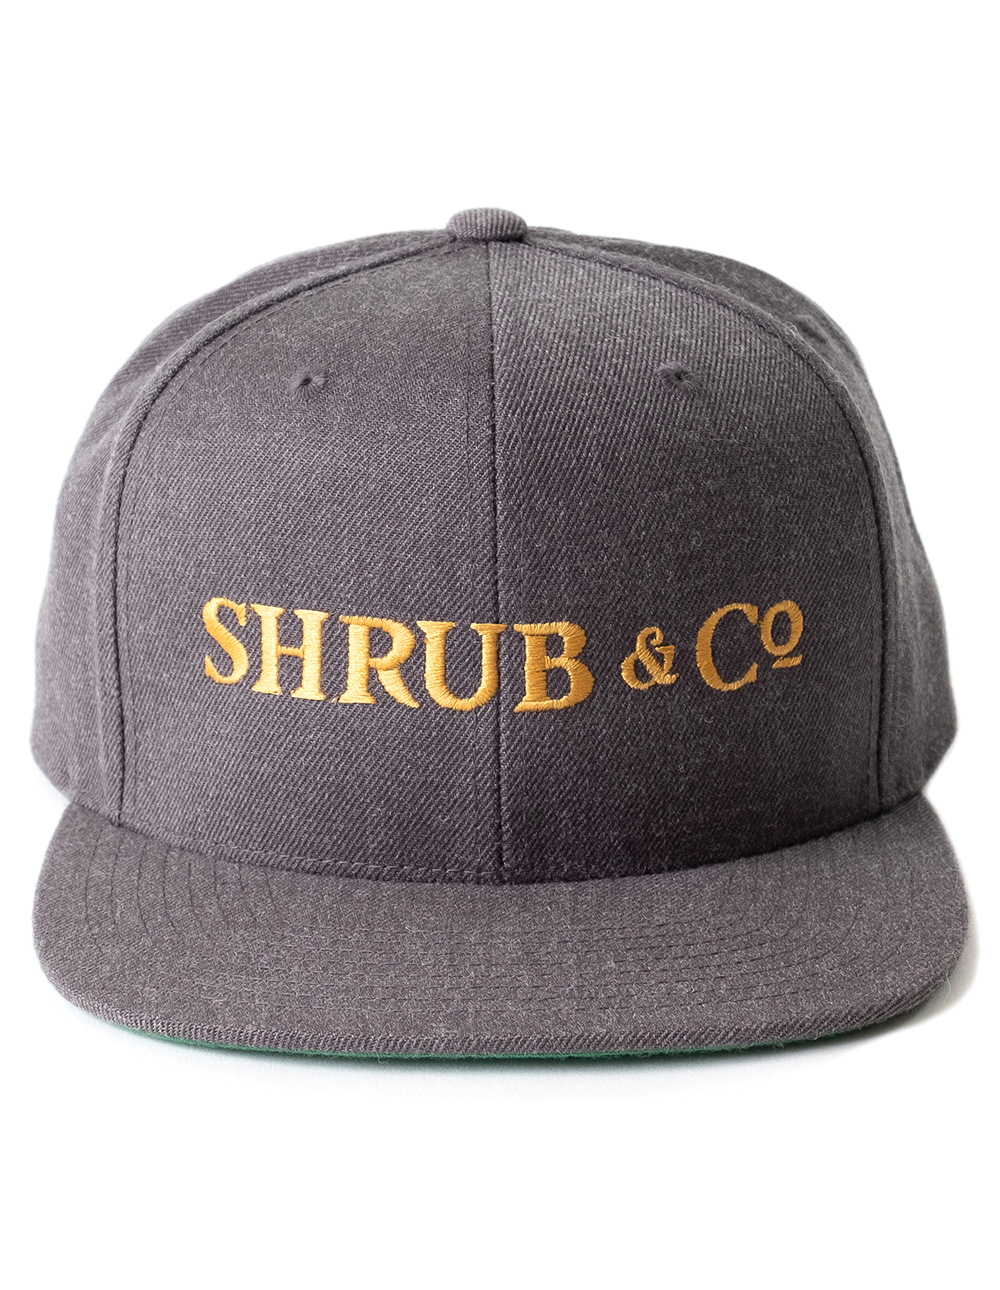 Art & Ink Shrub & Co. Branded Caps